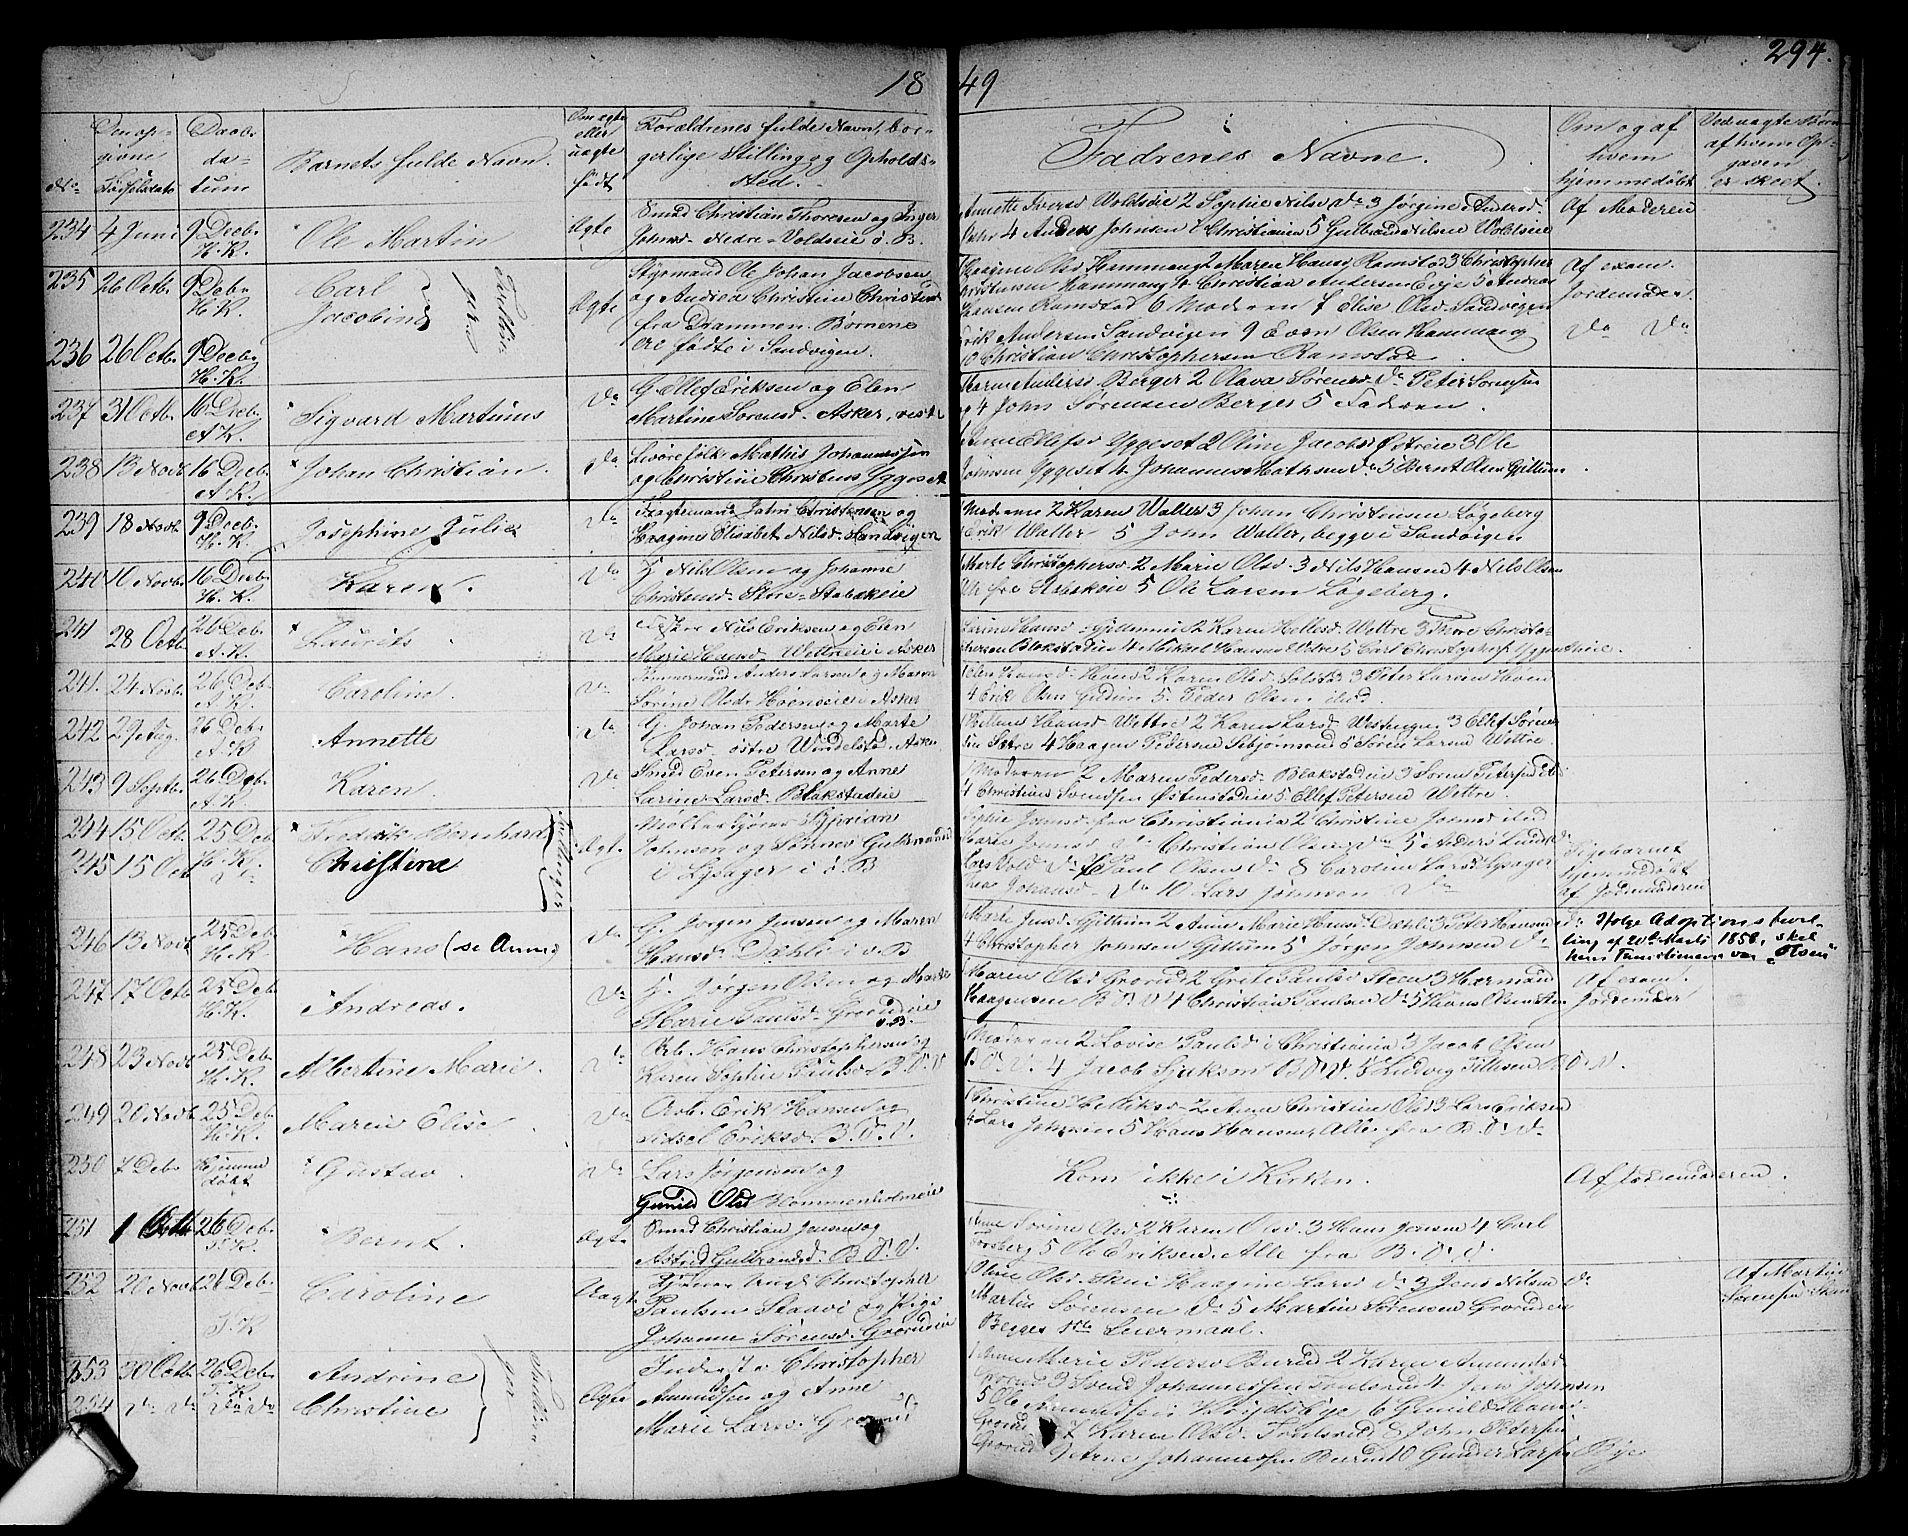 SAO, Asker prestekontor Kirkebøker, F/Fa/L0007: Ministerialbok nr. I 7, 1825-1864, s. 294